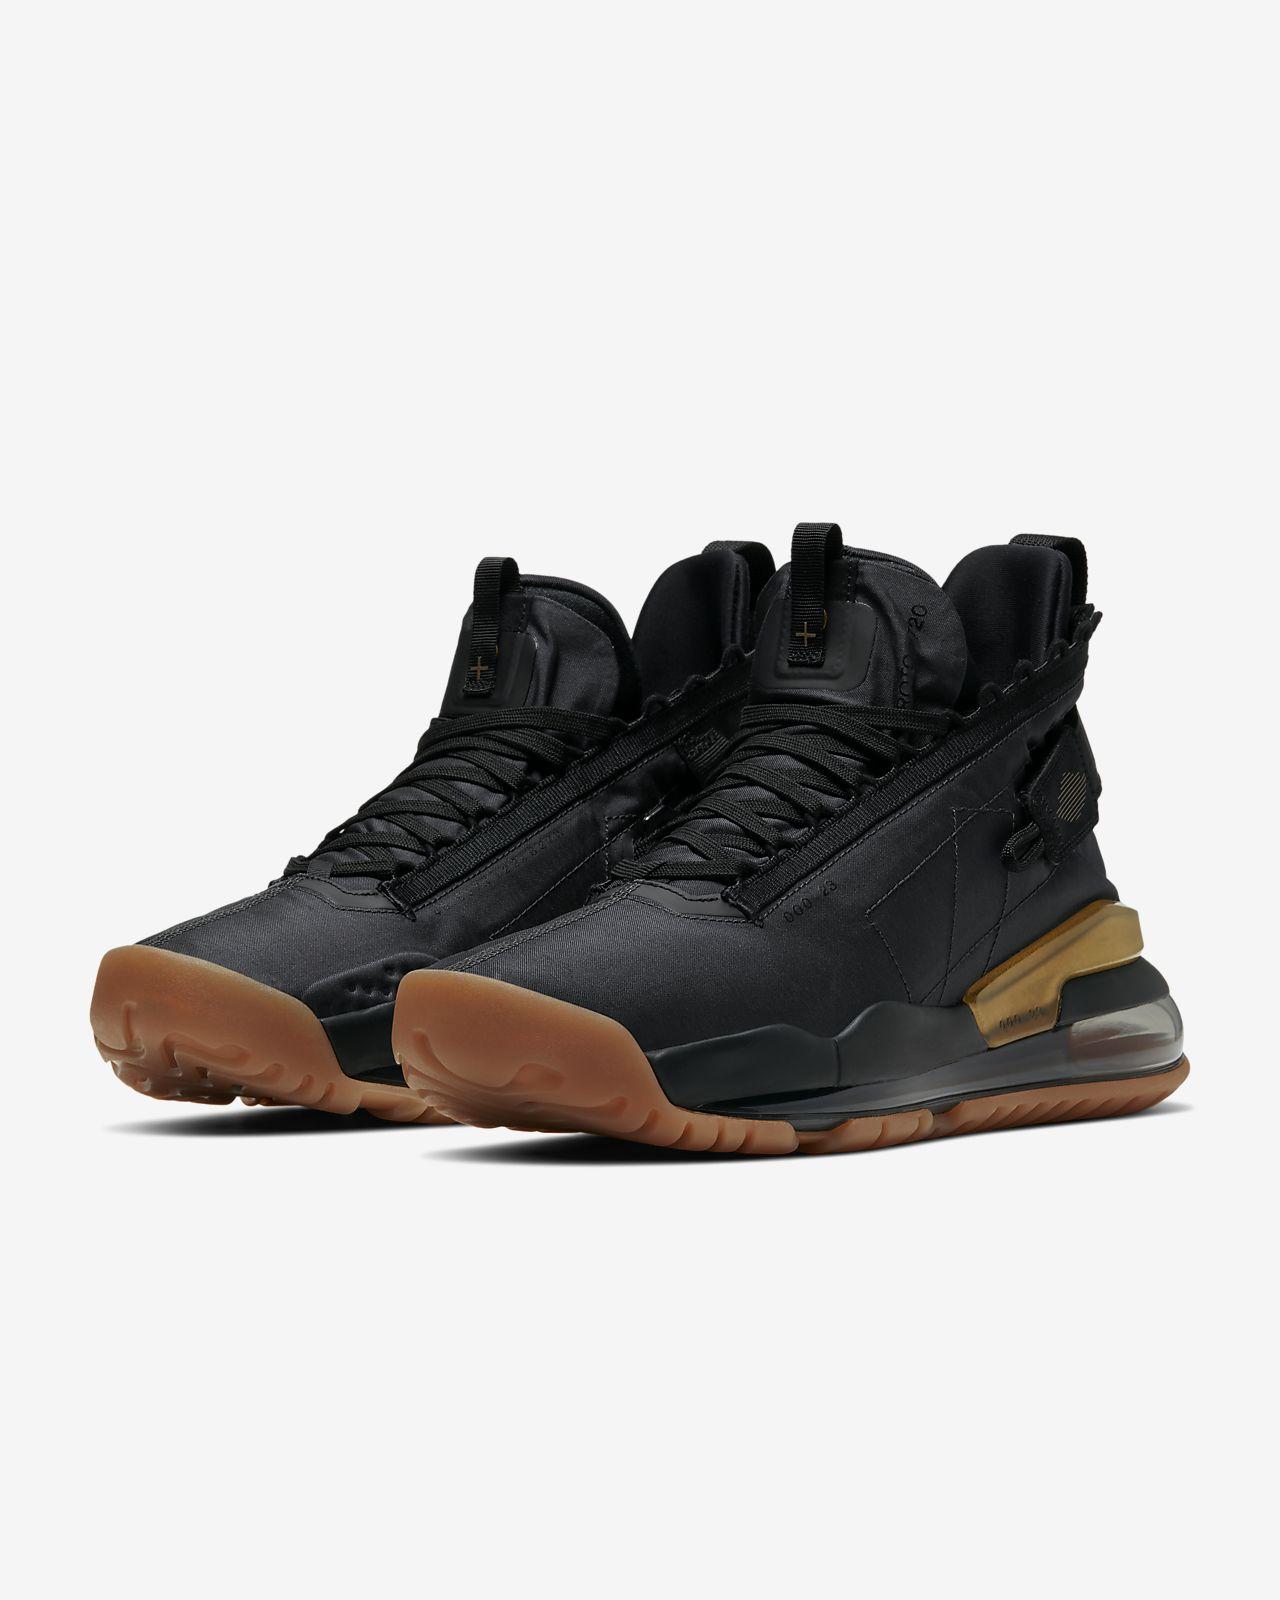 Jordan Proto Max 720 Shoe